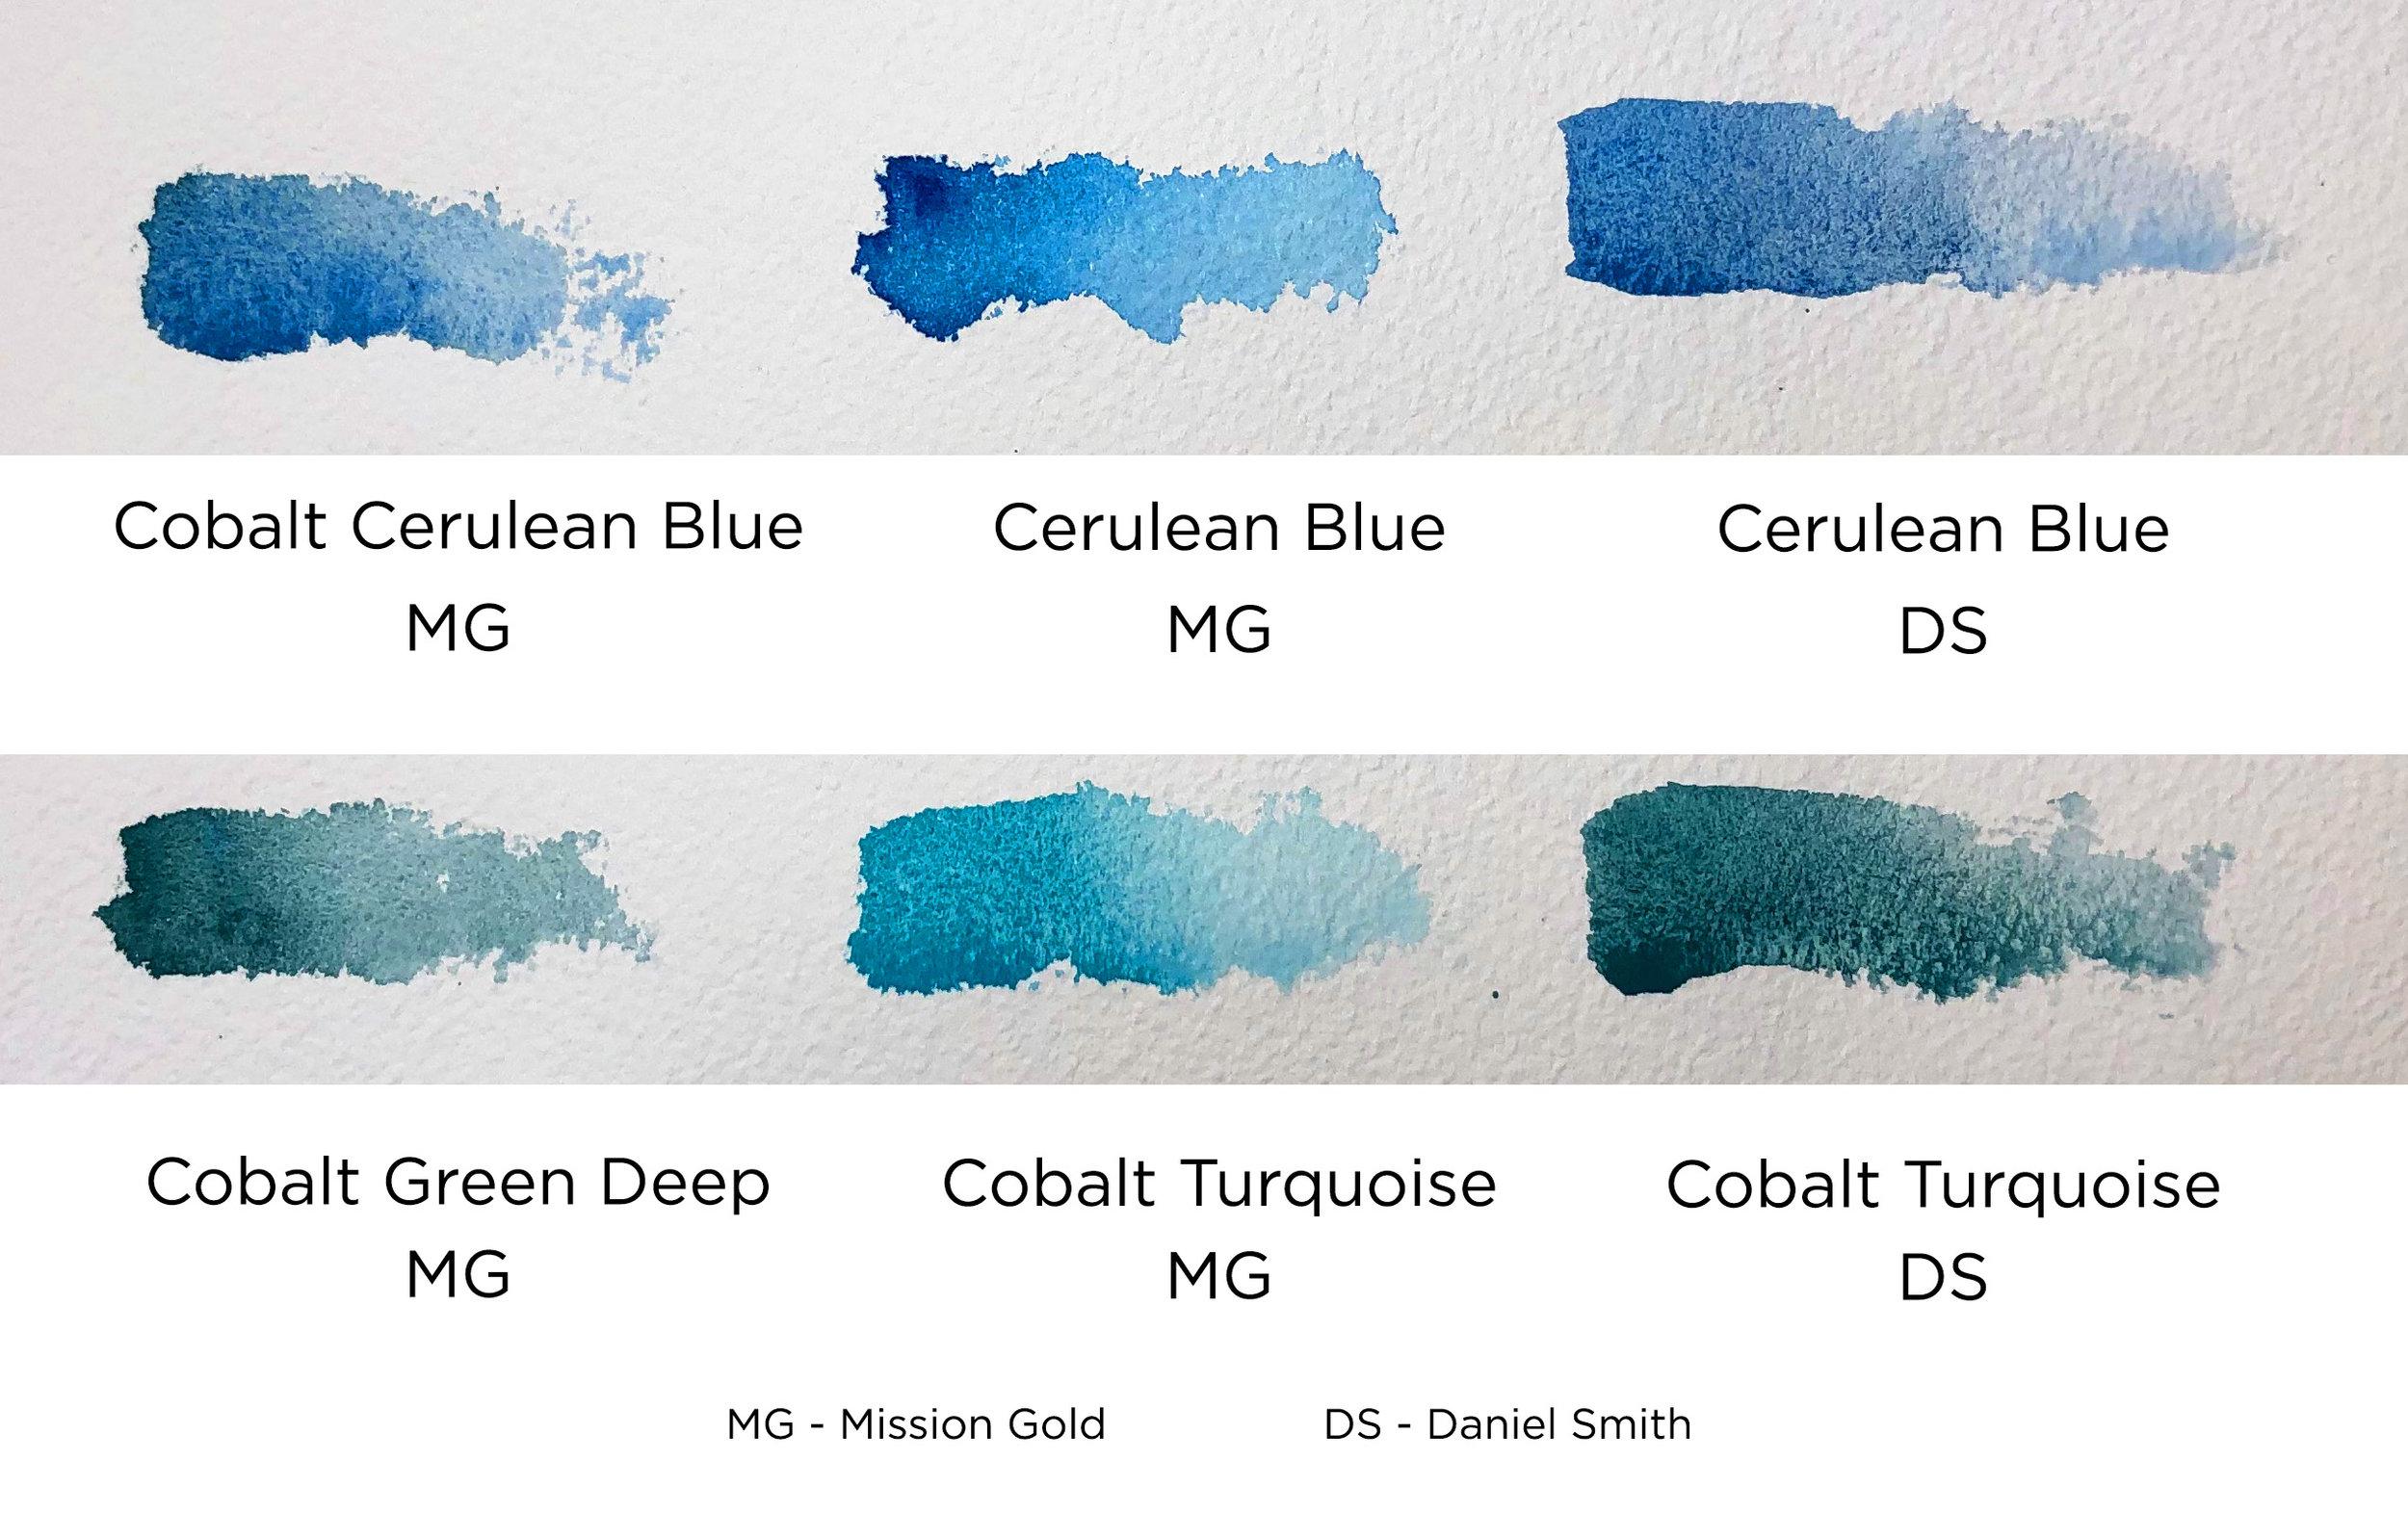 color_vs1.jpg